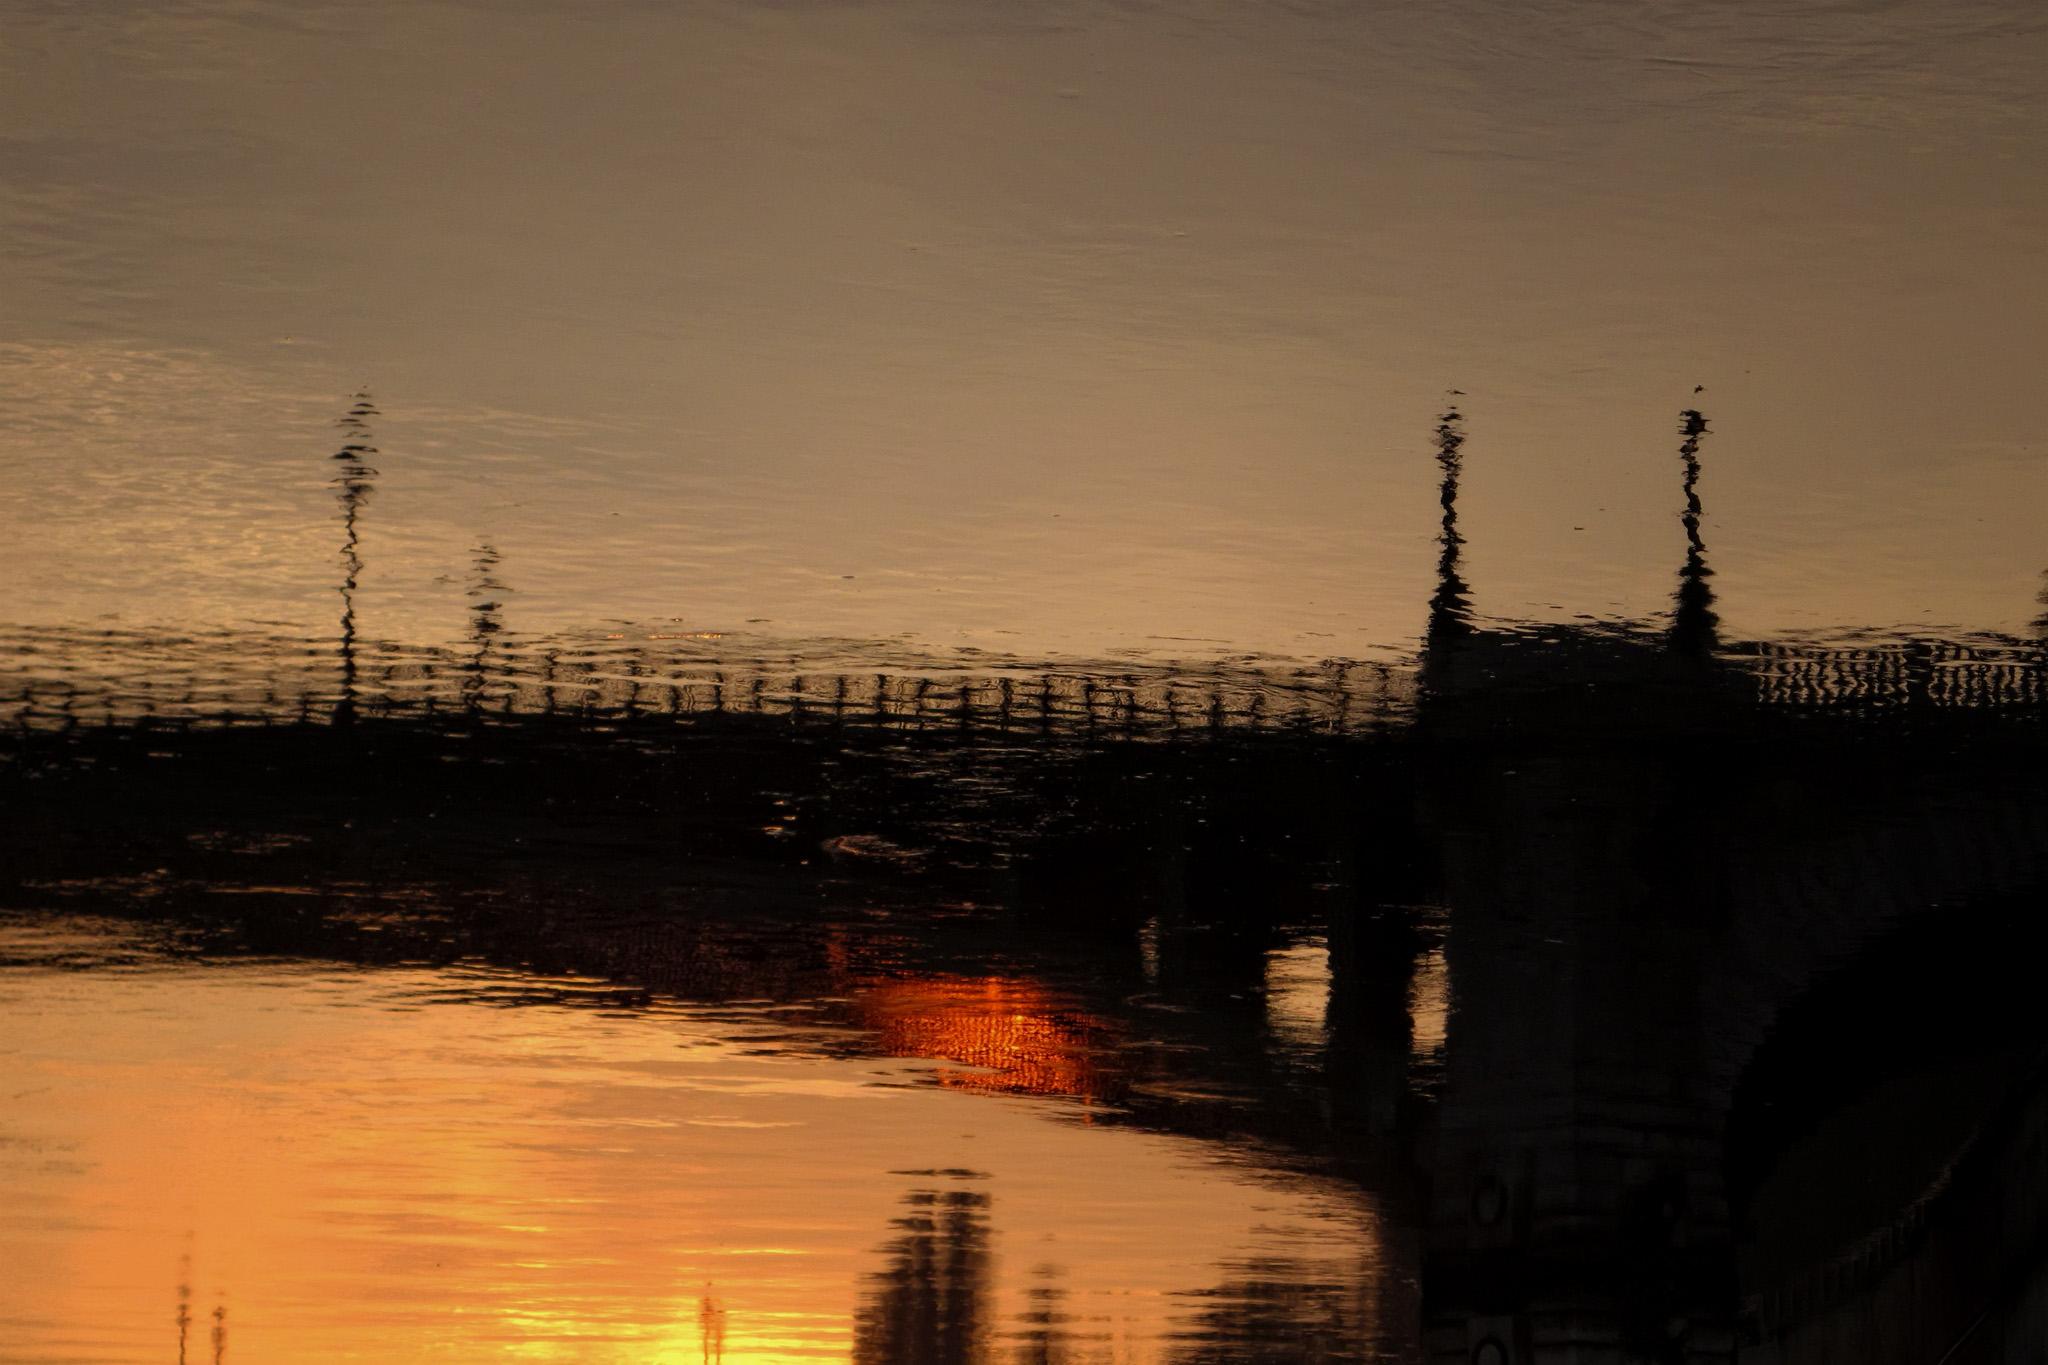 Melinda Isachsen JANIS Photography & Fine Art sunrise reflection Paris France